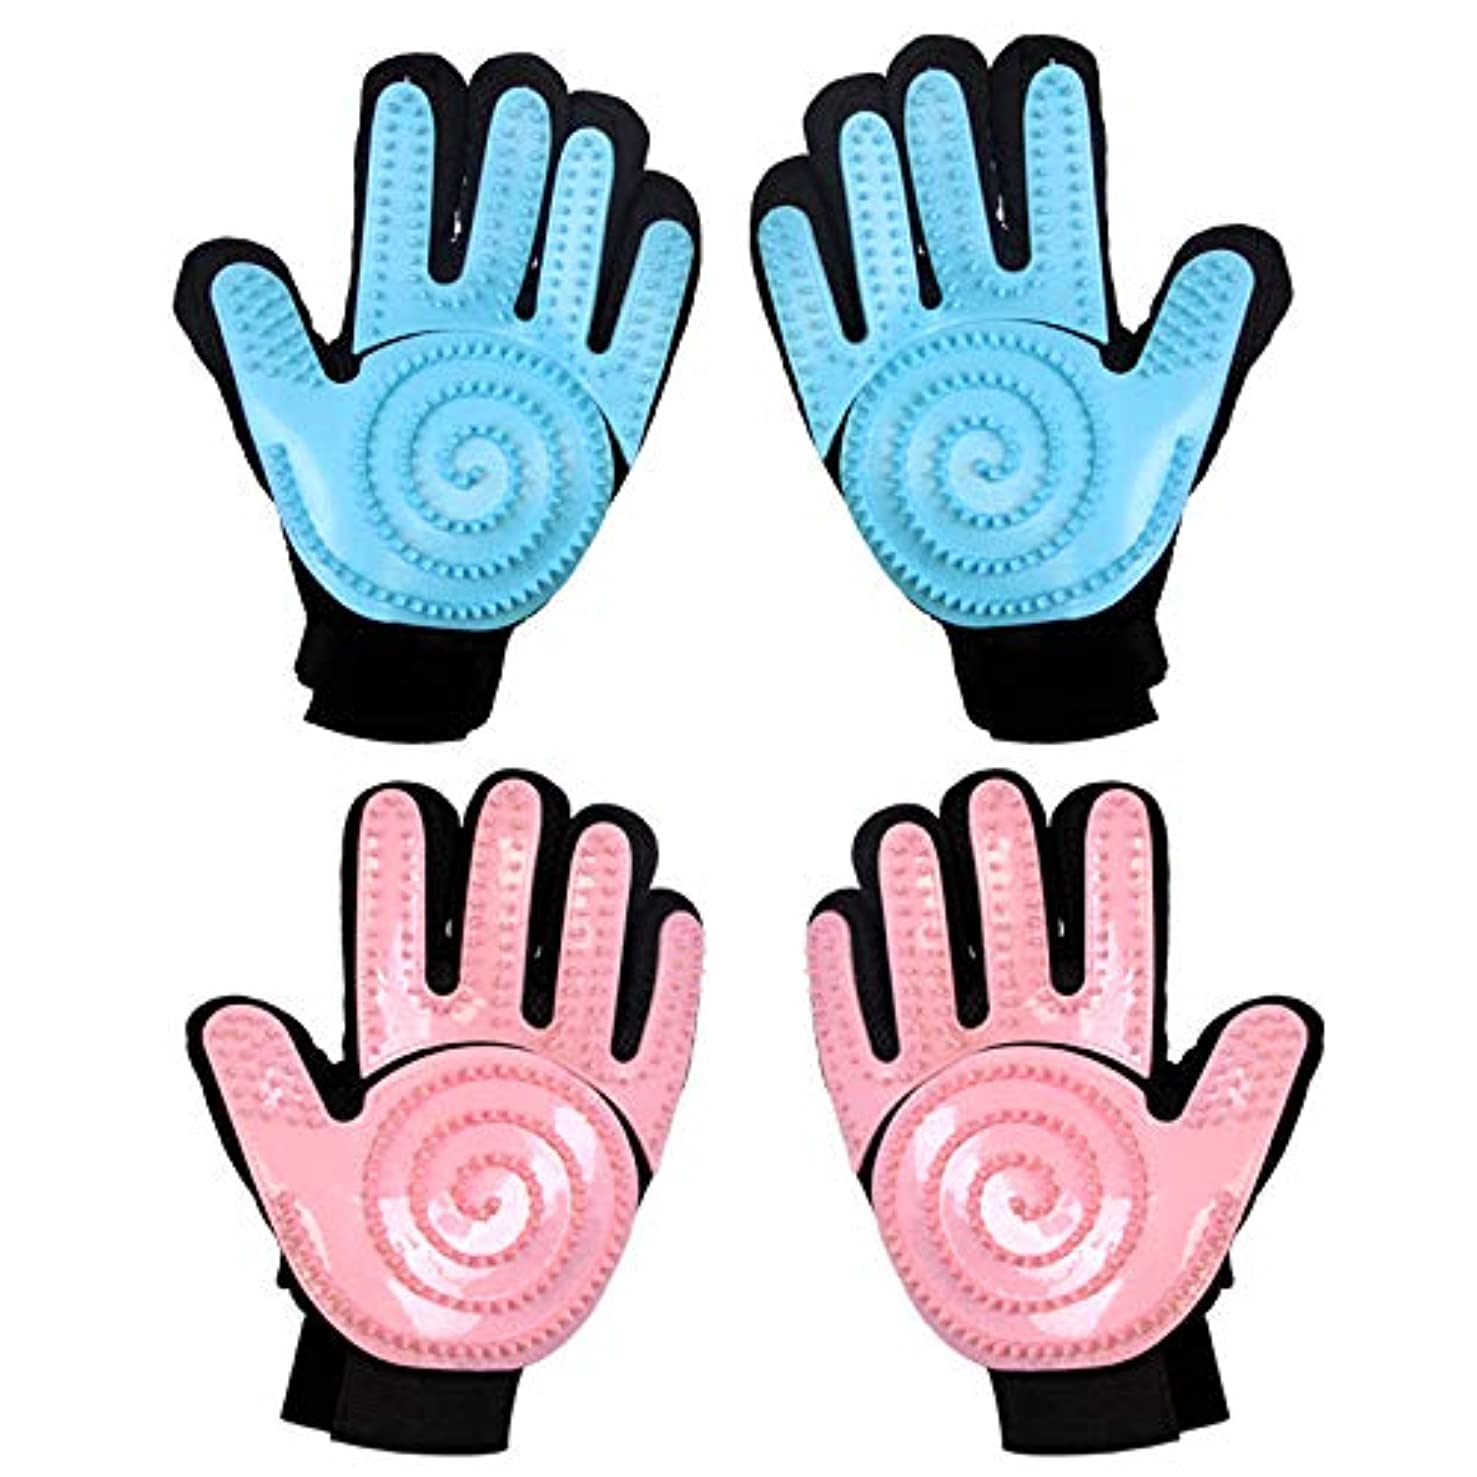 ミンチ参加する小人BTXXYJP 手袋 ペット ブラシ グローブ 猫 ブラシ クリーナー 抜け毛取り マッサージブラシ 犬 グローブ ペット毛取りブラシ お手入れ (Color : Pink, Style : Right hand)